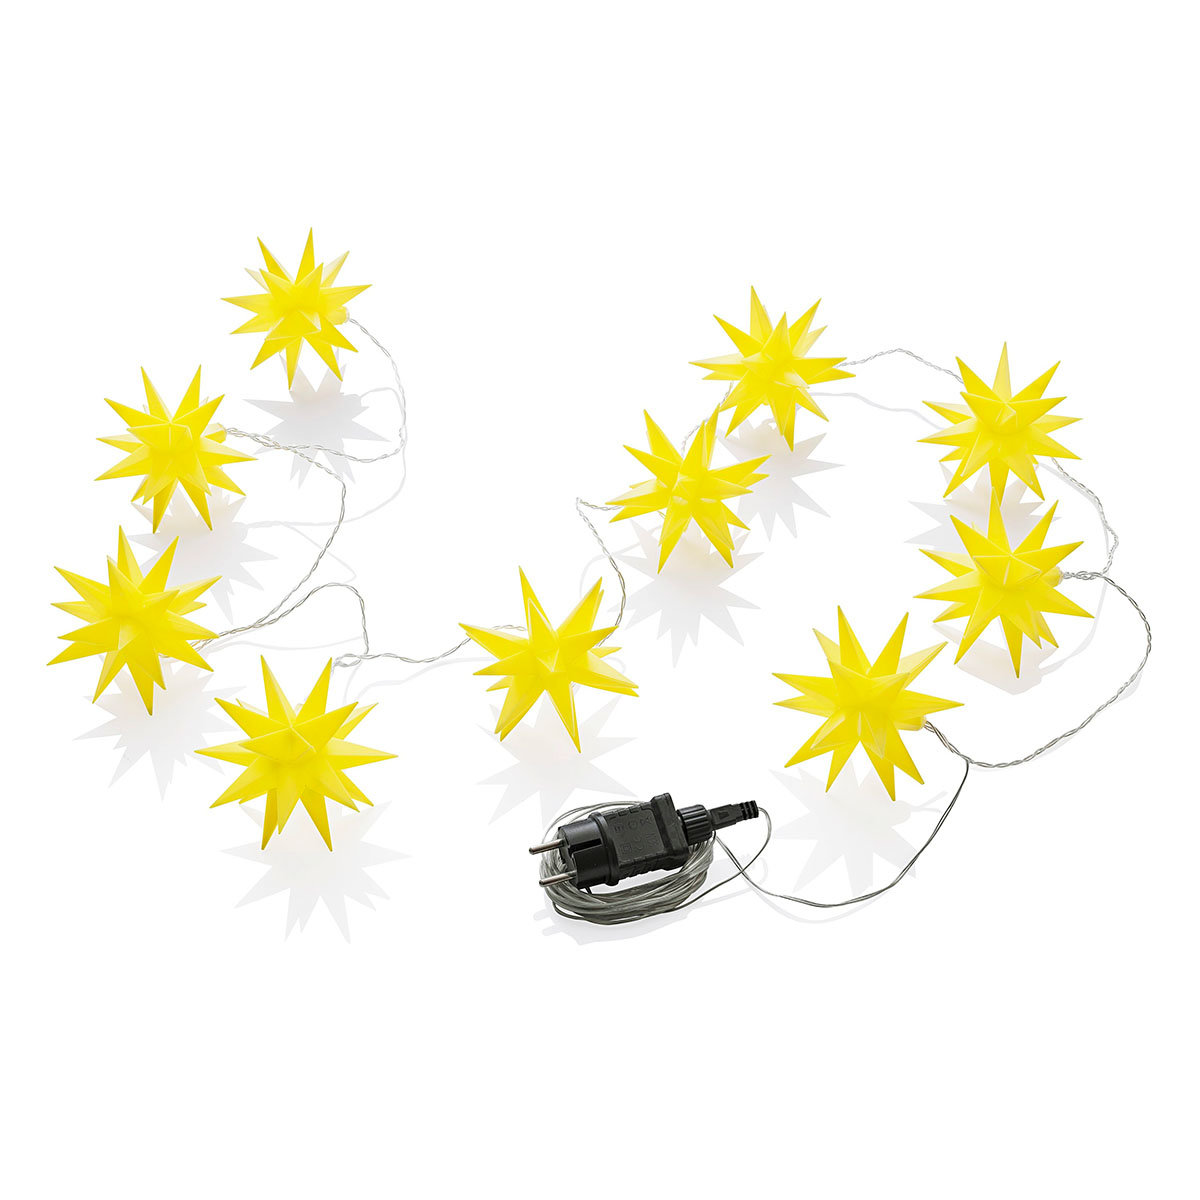 LED-Lichterkette Weihnachtstern, gelb   #4